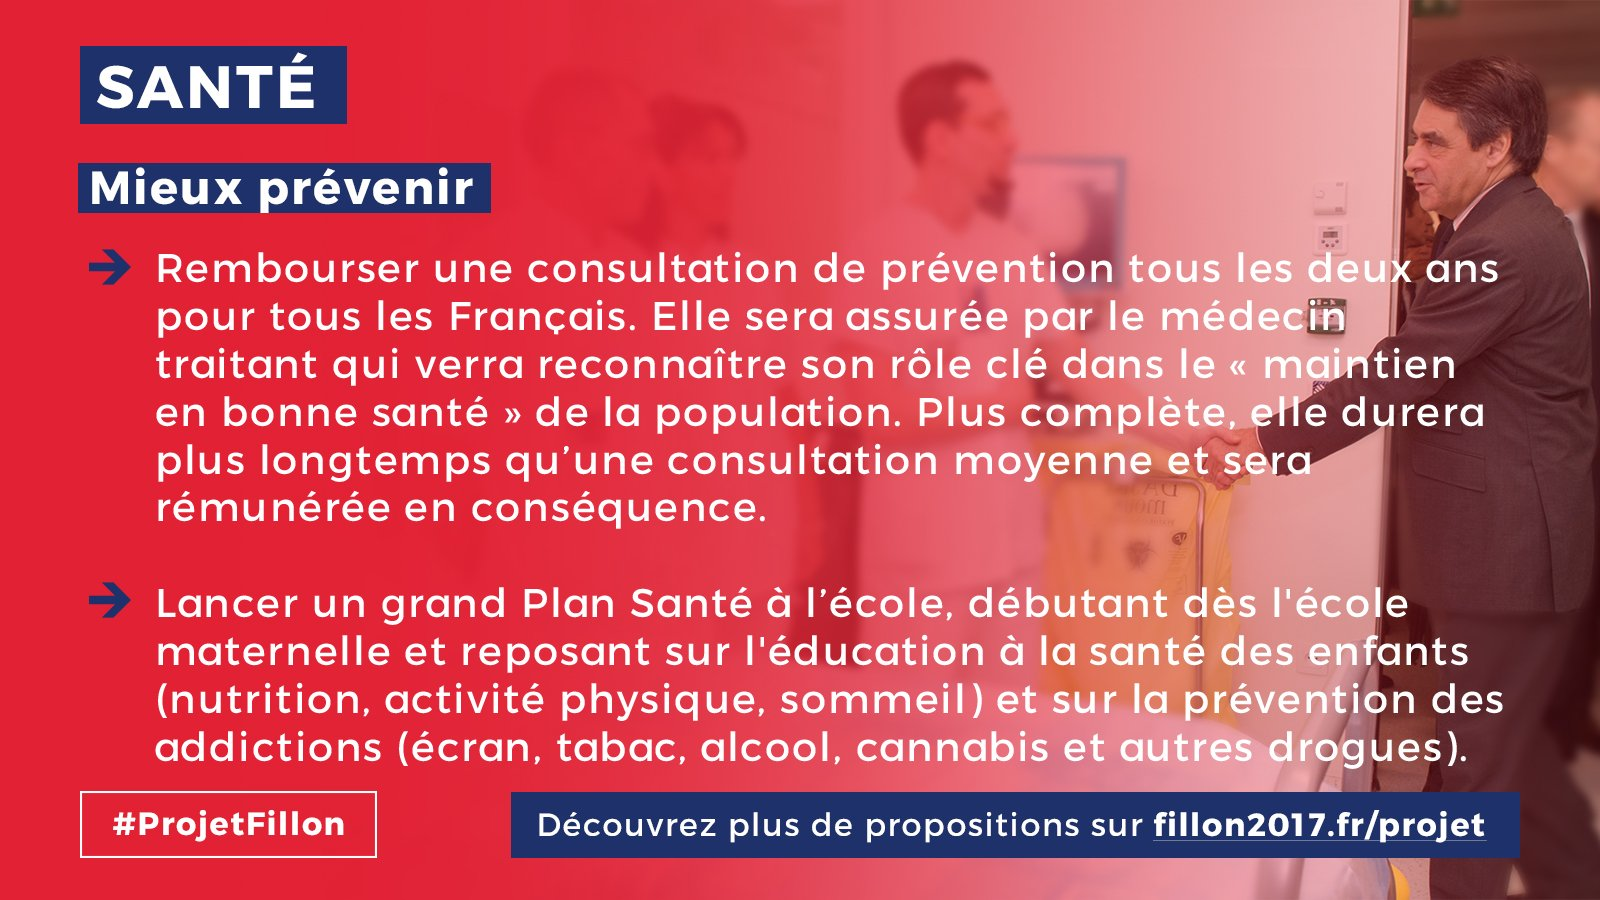 #Fillon2017 #FillonPresident #LeGrandDebat ... les propositions de @FrancoisFillon en matière de #santé https://t.co/PPRvZgougM